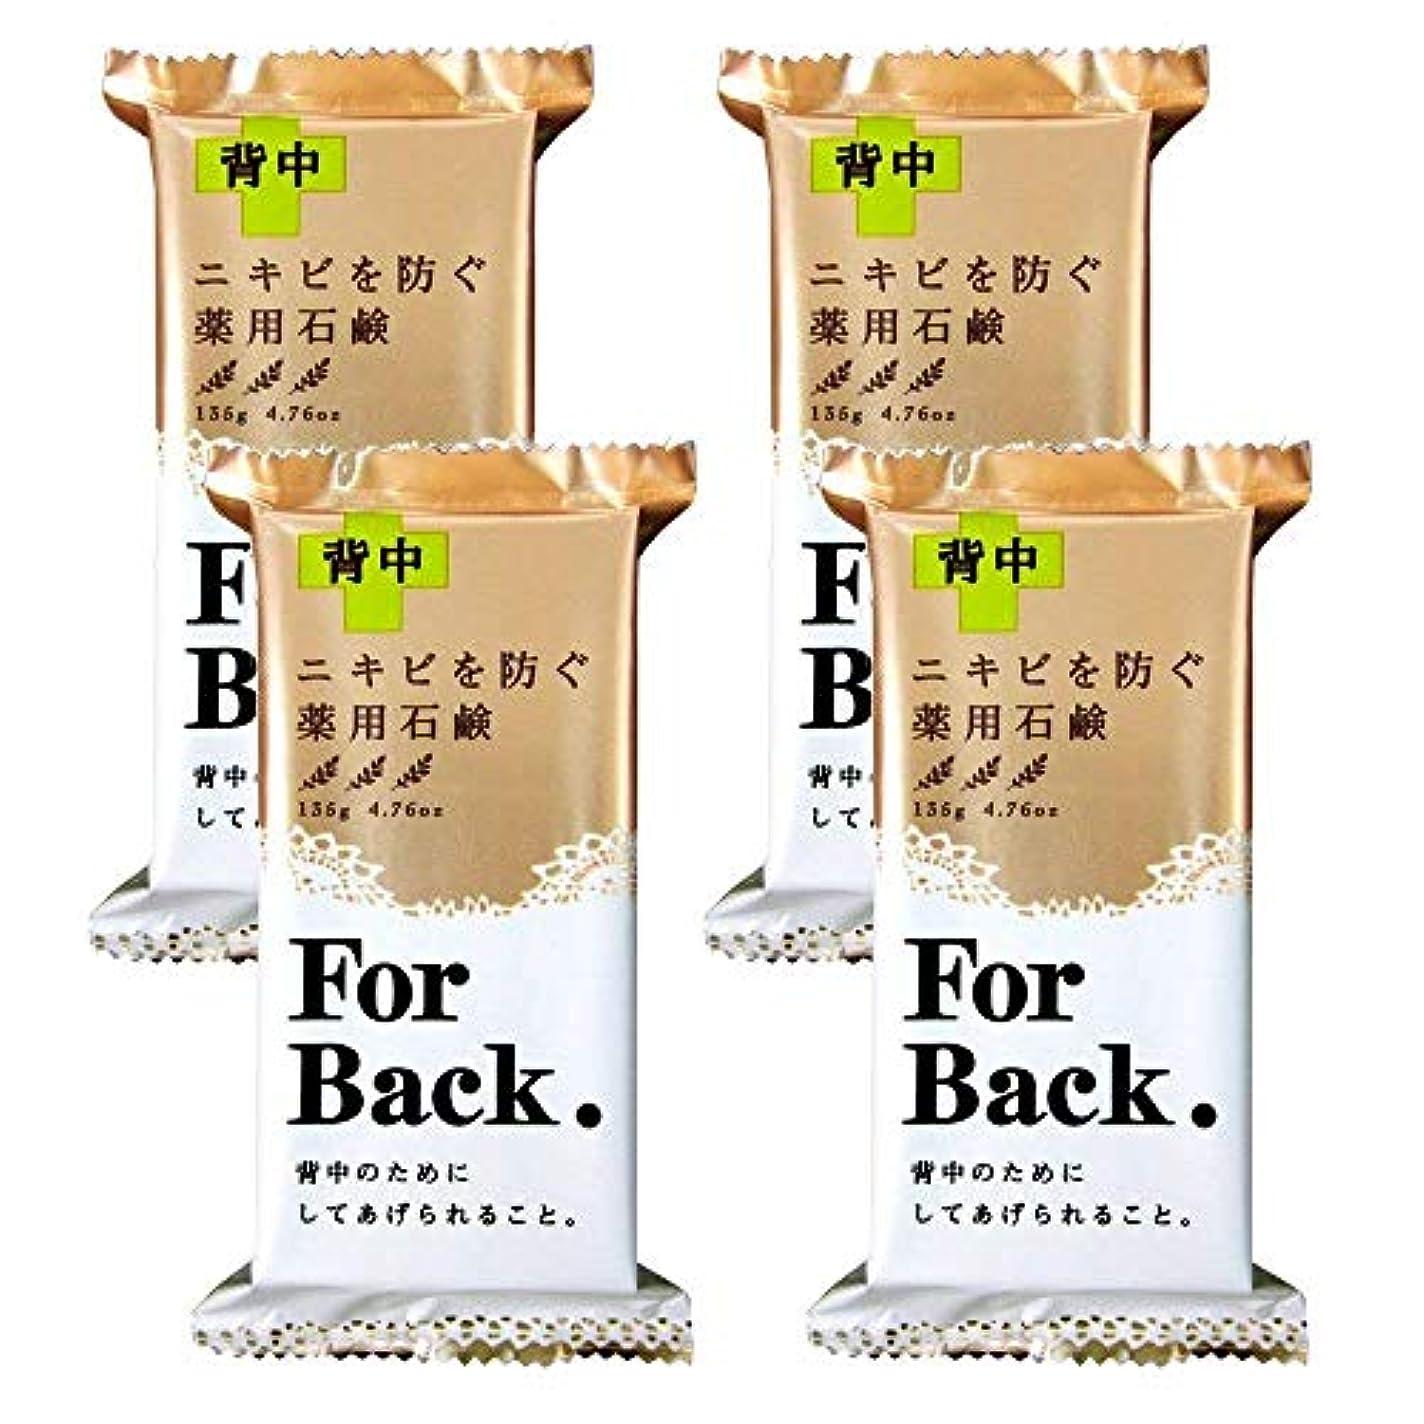 シェトランド諸島可聴インセンティブ薬用石鹸 ForBack 135g×4個セット